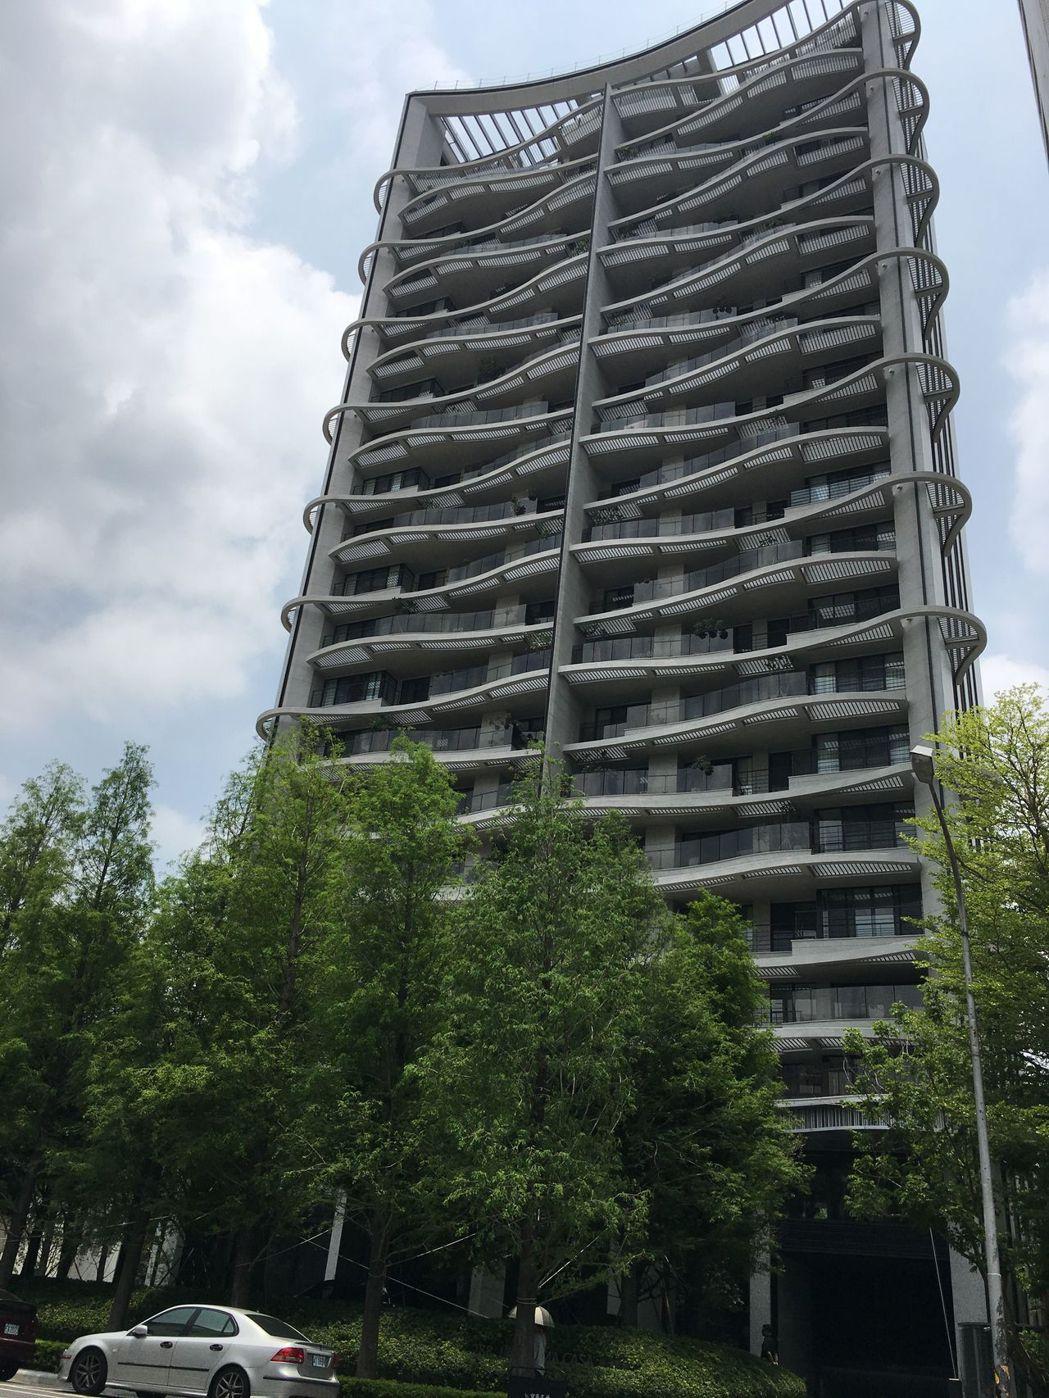 中部知名建商寶璽建設在五期重劃區推出的「寶璽高第」大樓住 宅案,獲第五屆台中市...